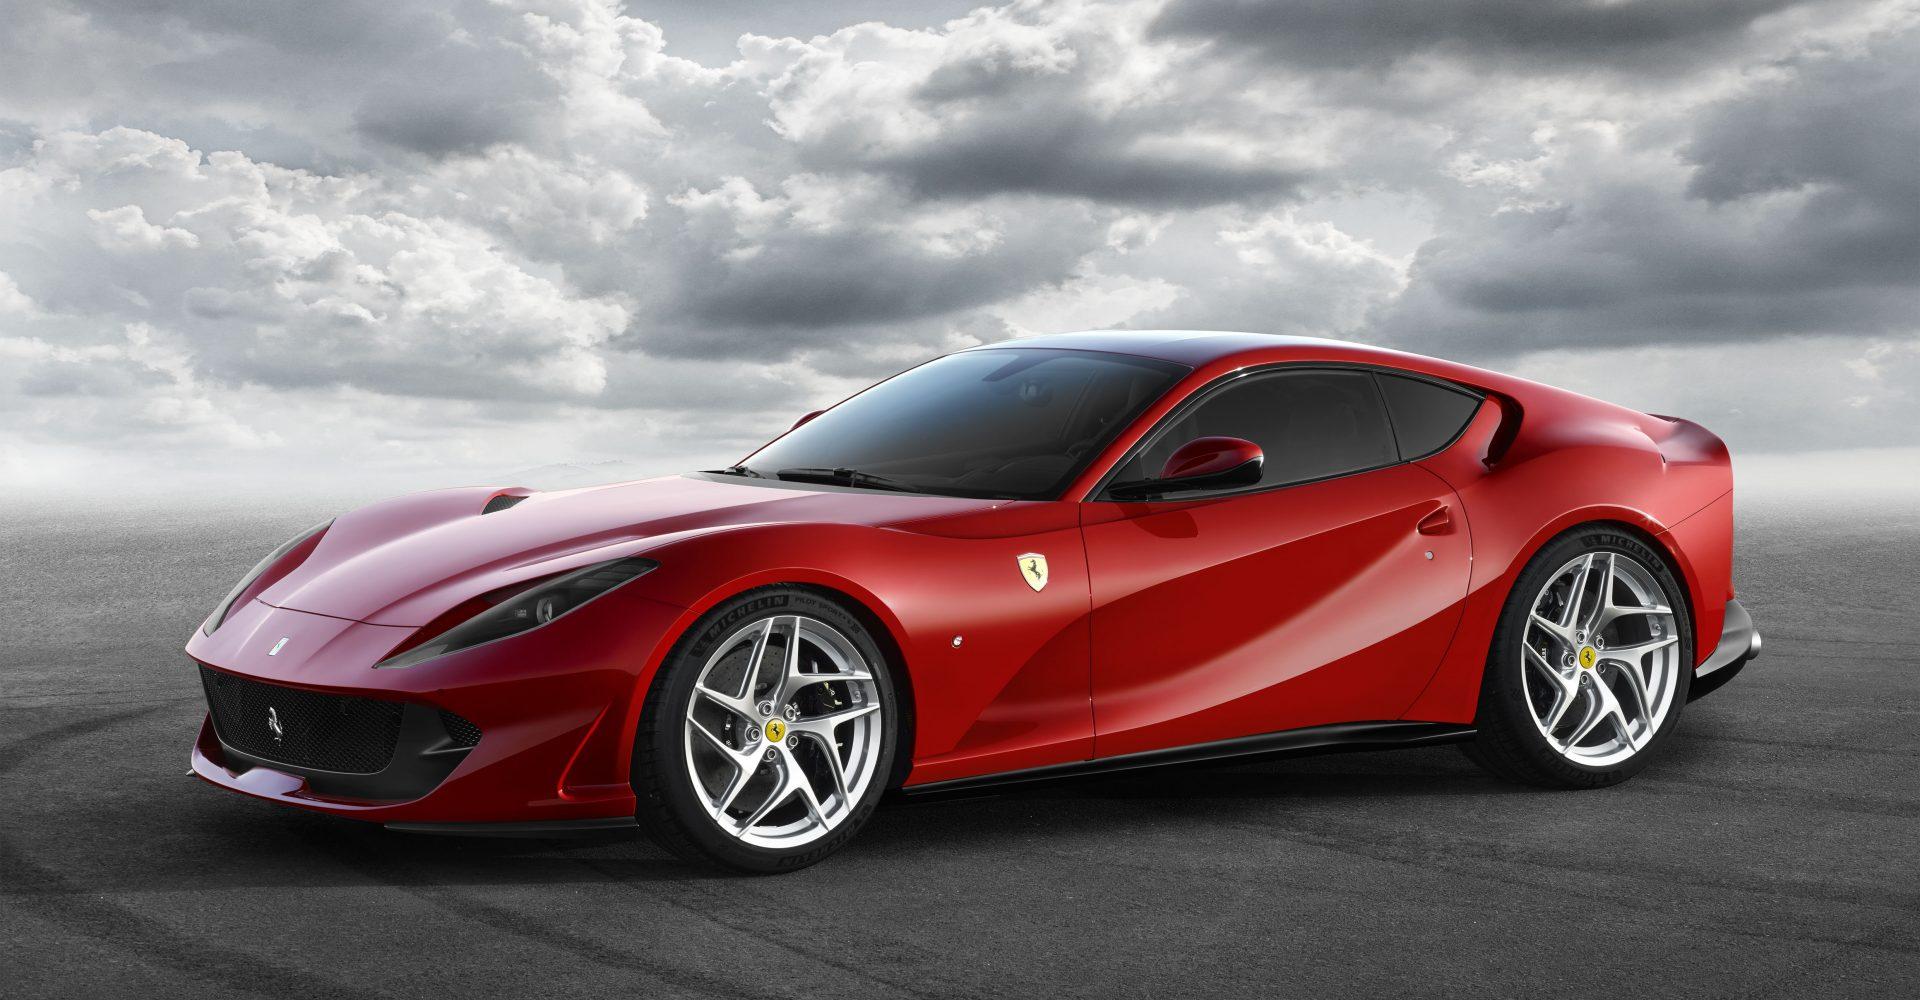 Ferrari Unveils 812 Superfast Ahead Of Geneva Motor Show